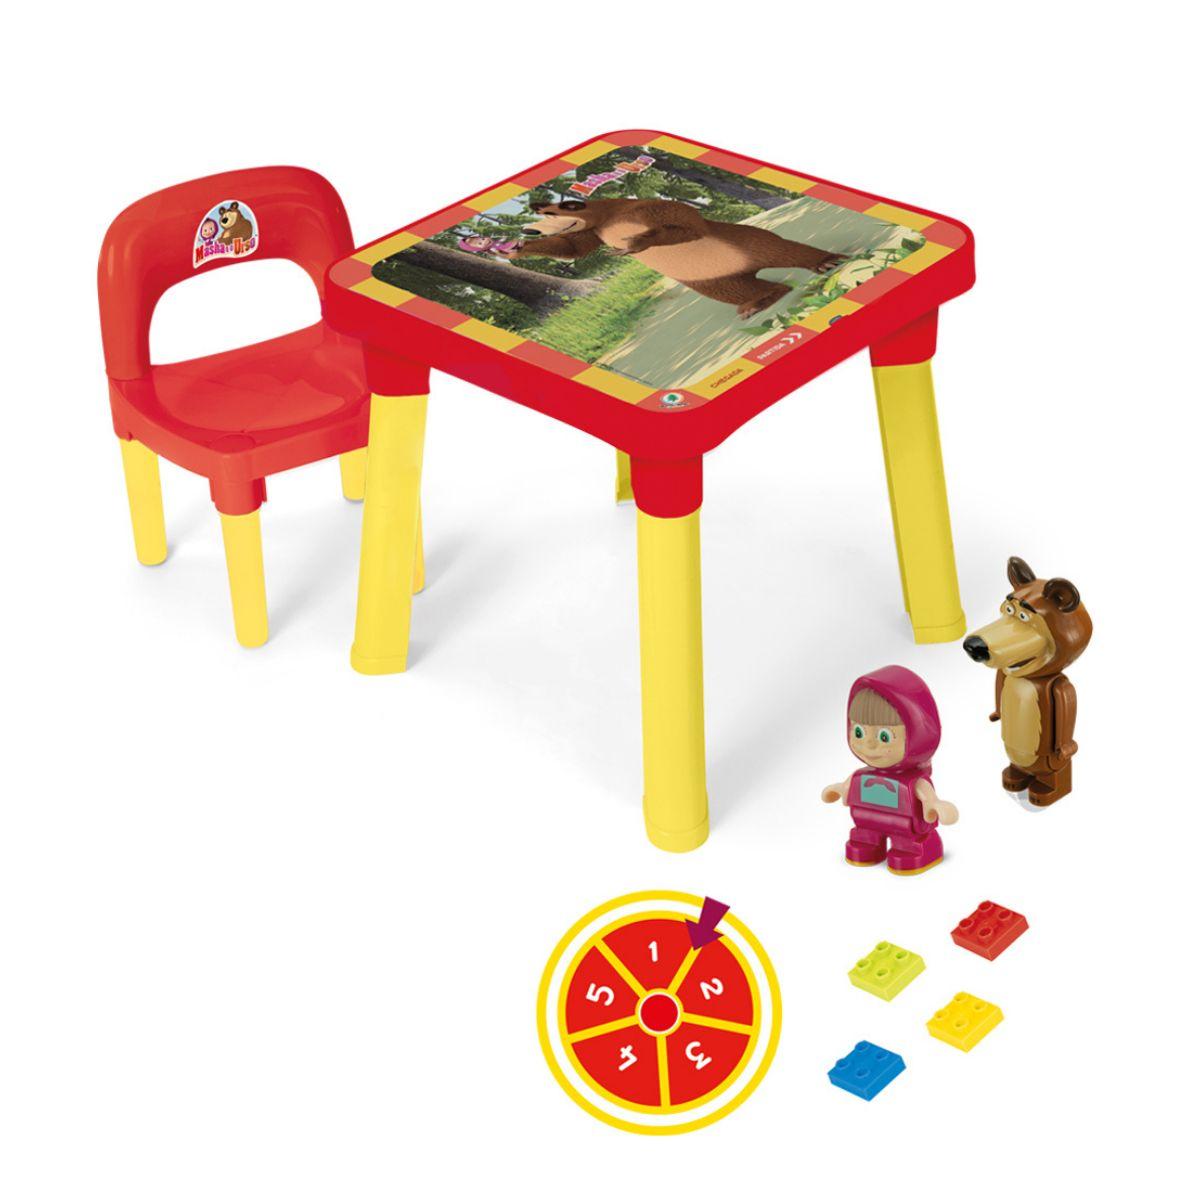 Mesinha com cadeira desmontável Masha e o Urso com Tampa Removível